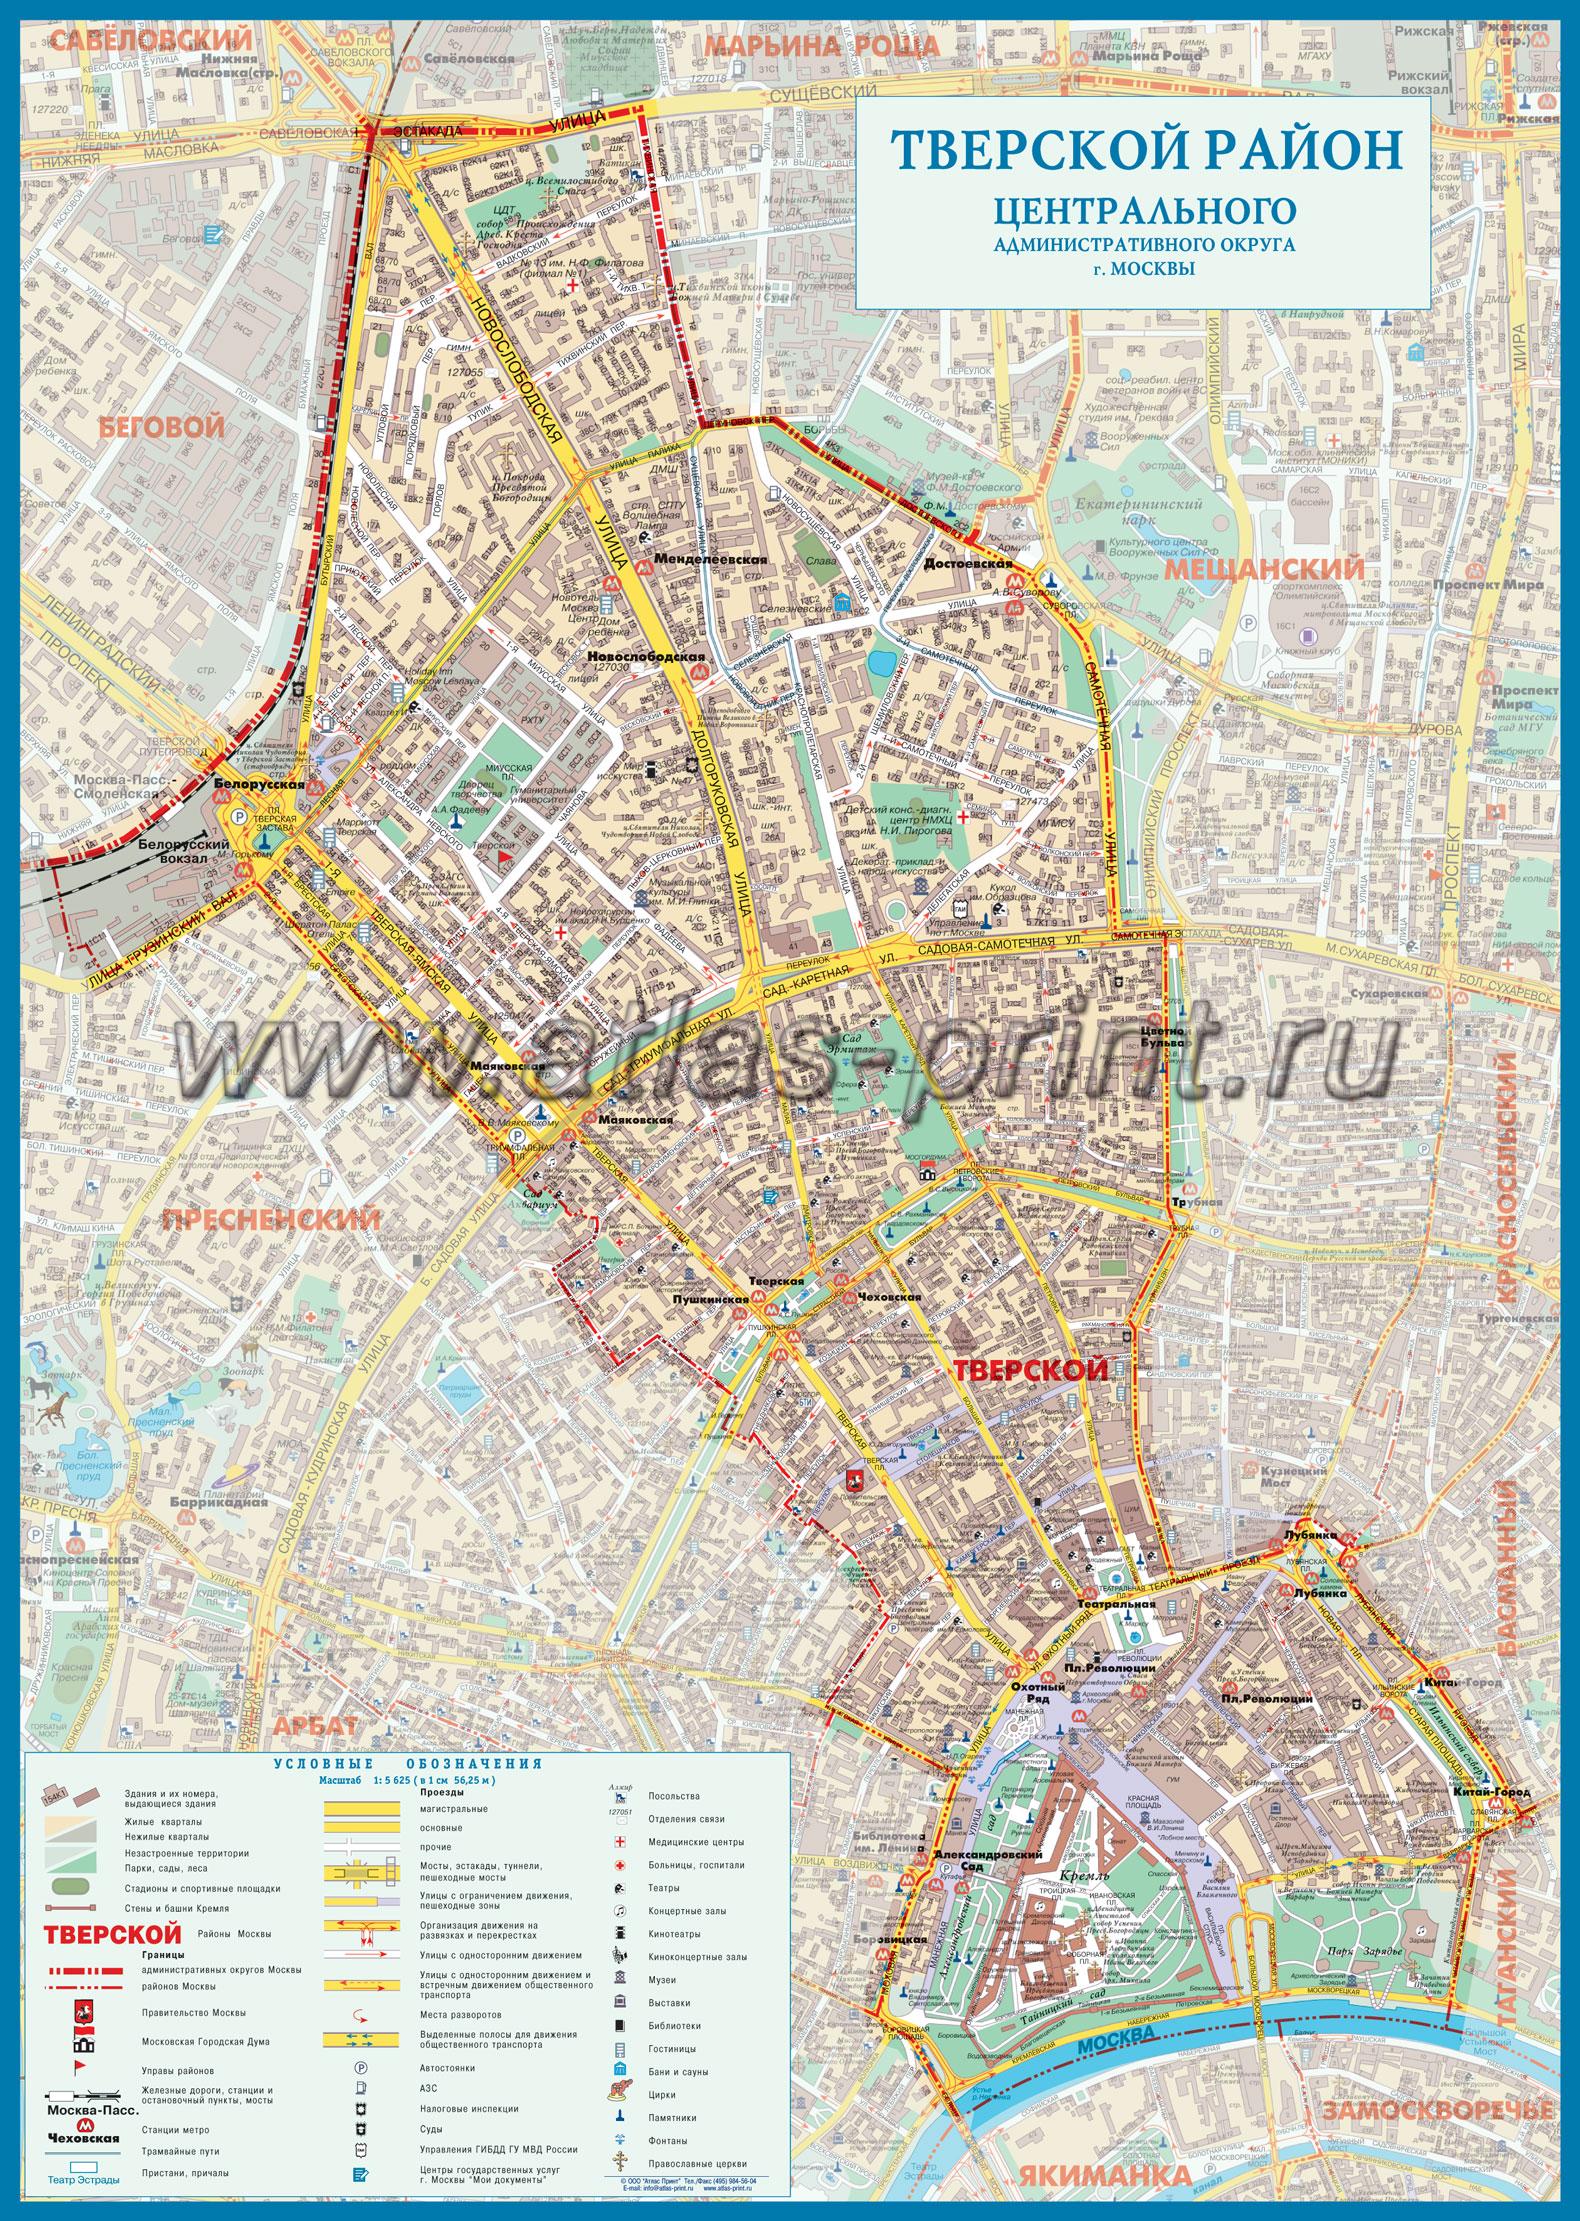 Настенная карта района Тверской г.Москвы 0,71*1,00 м, ламинированная